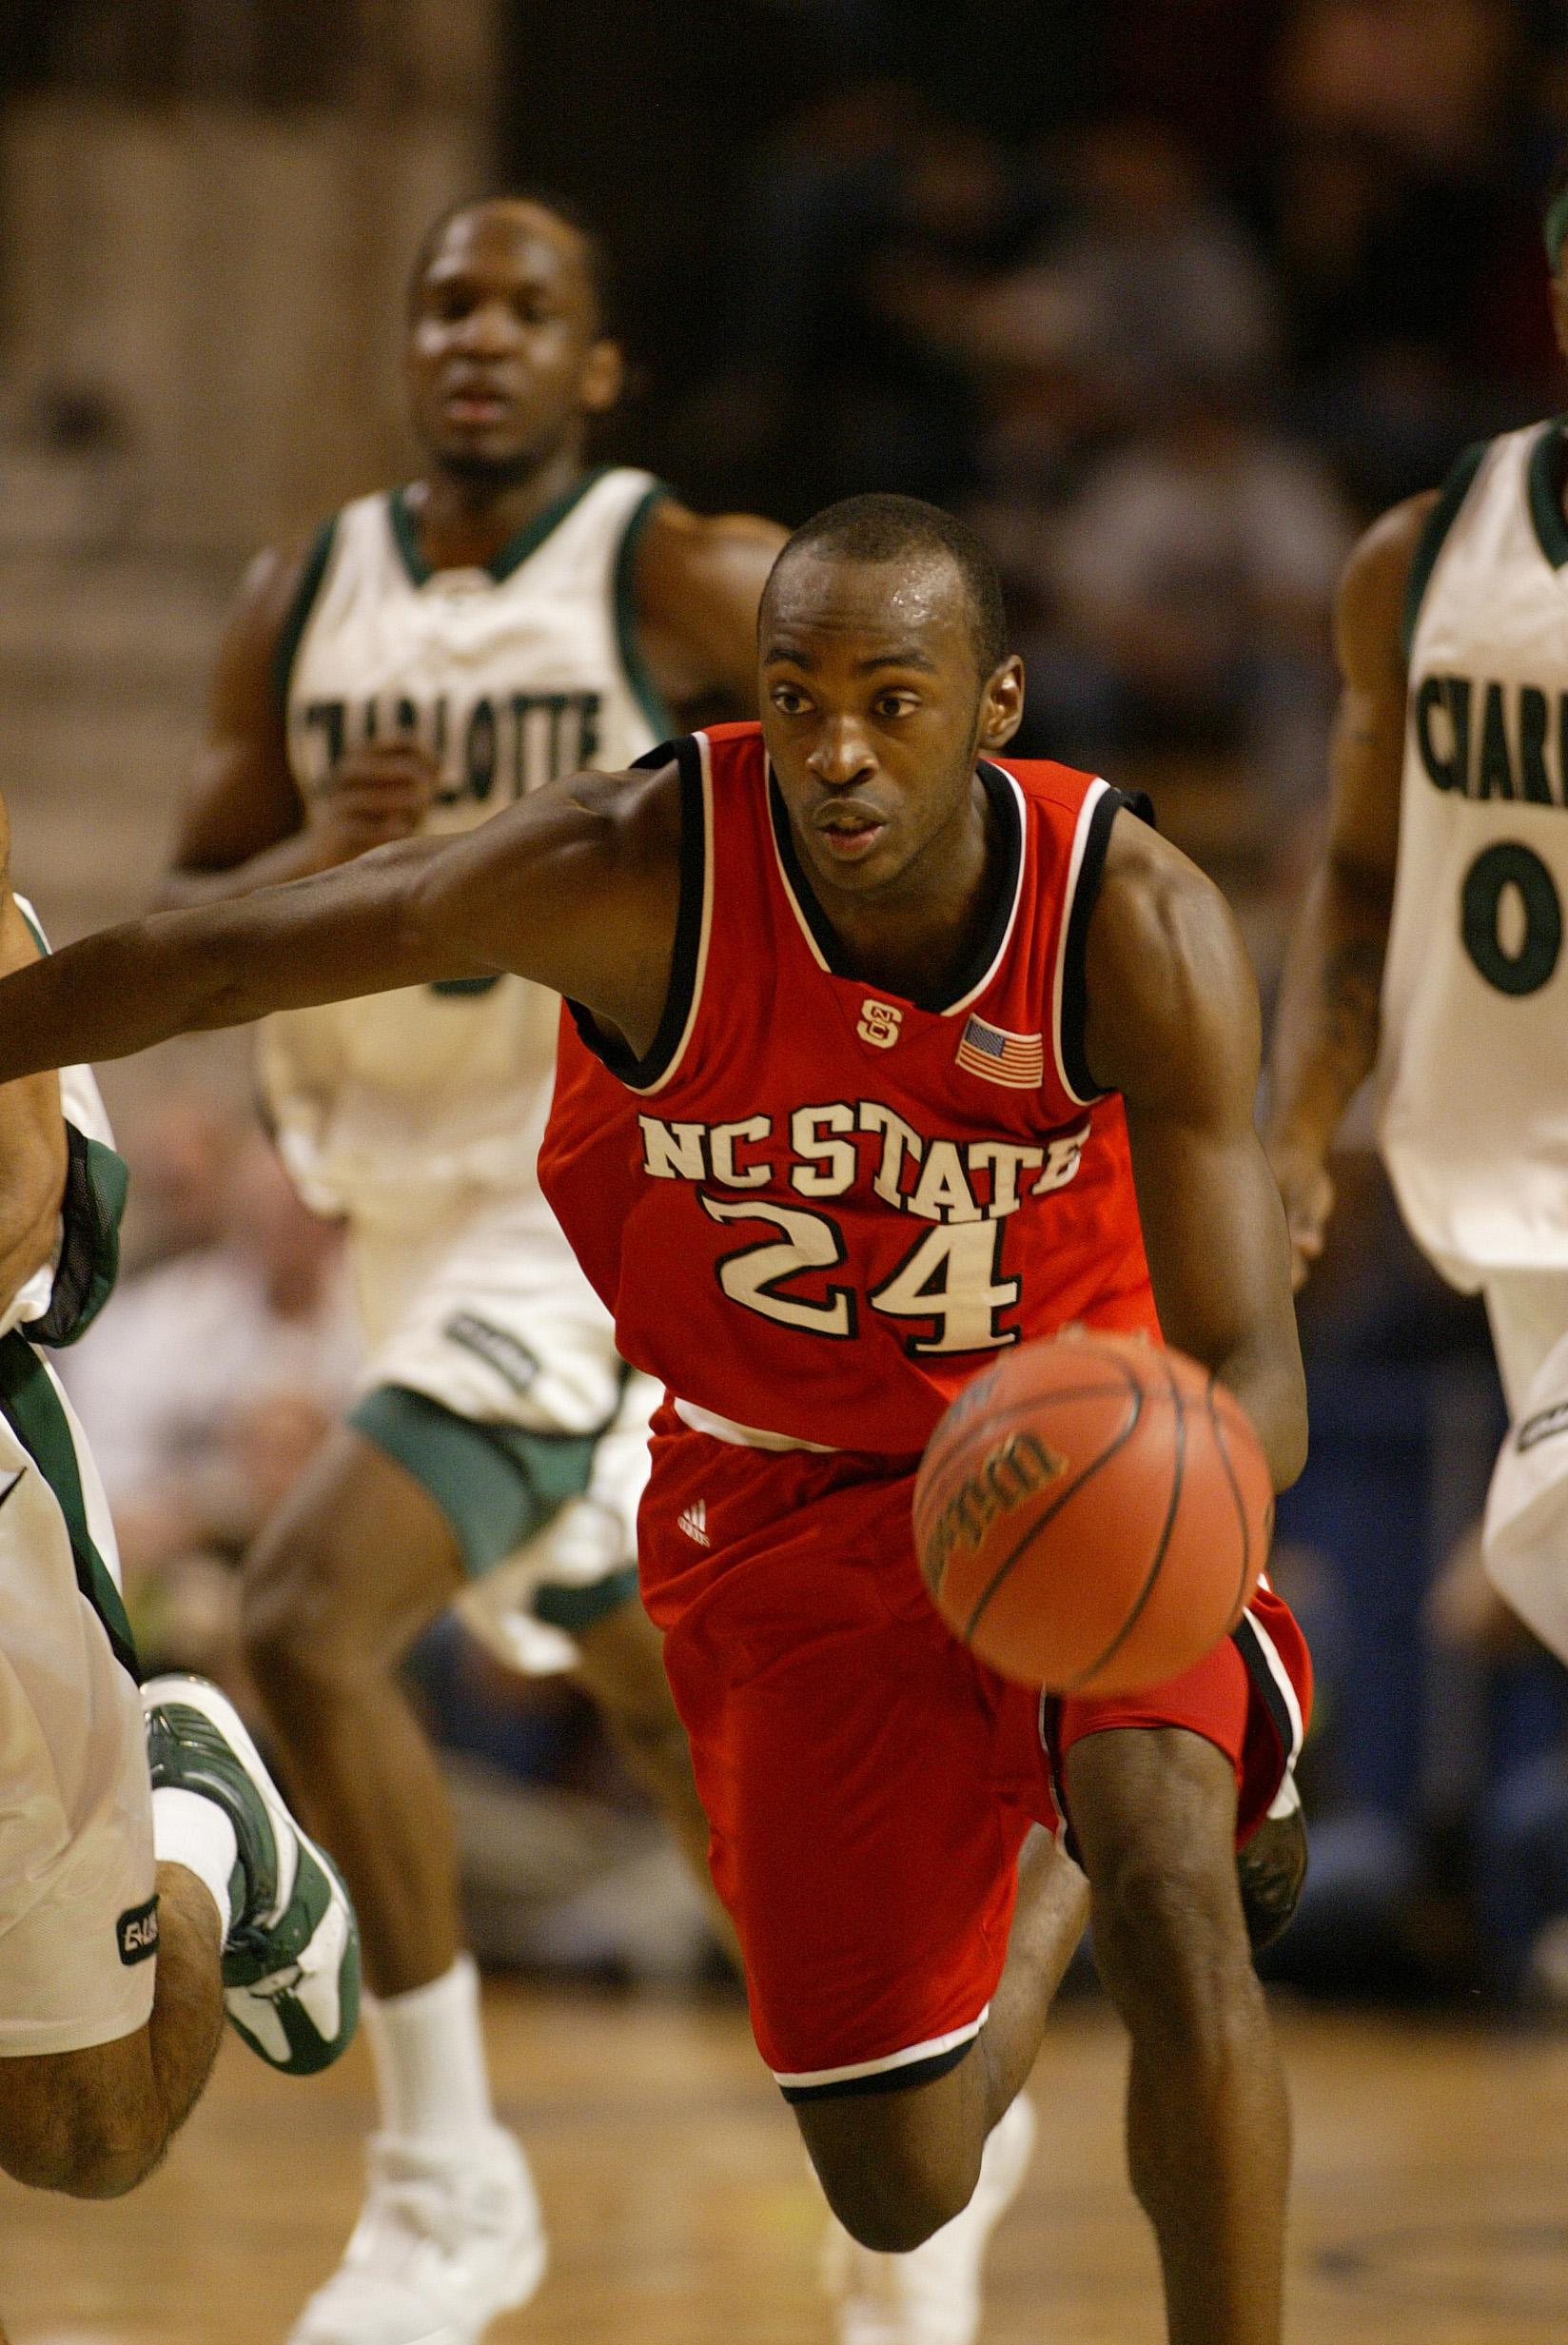 Sporting News NCAA Basketball Tourney Collection